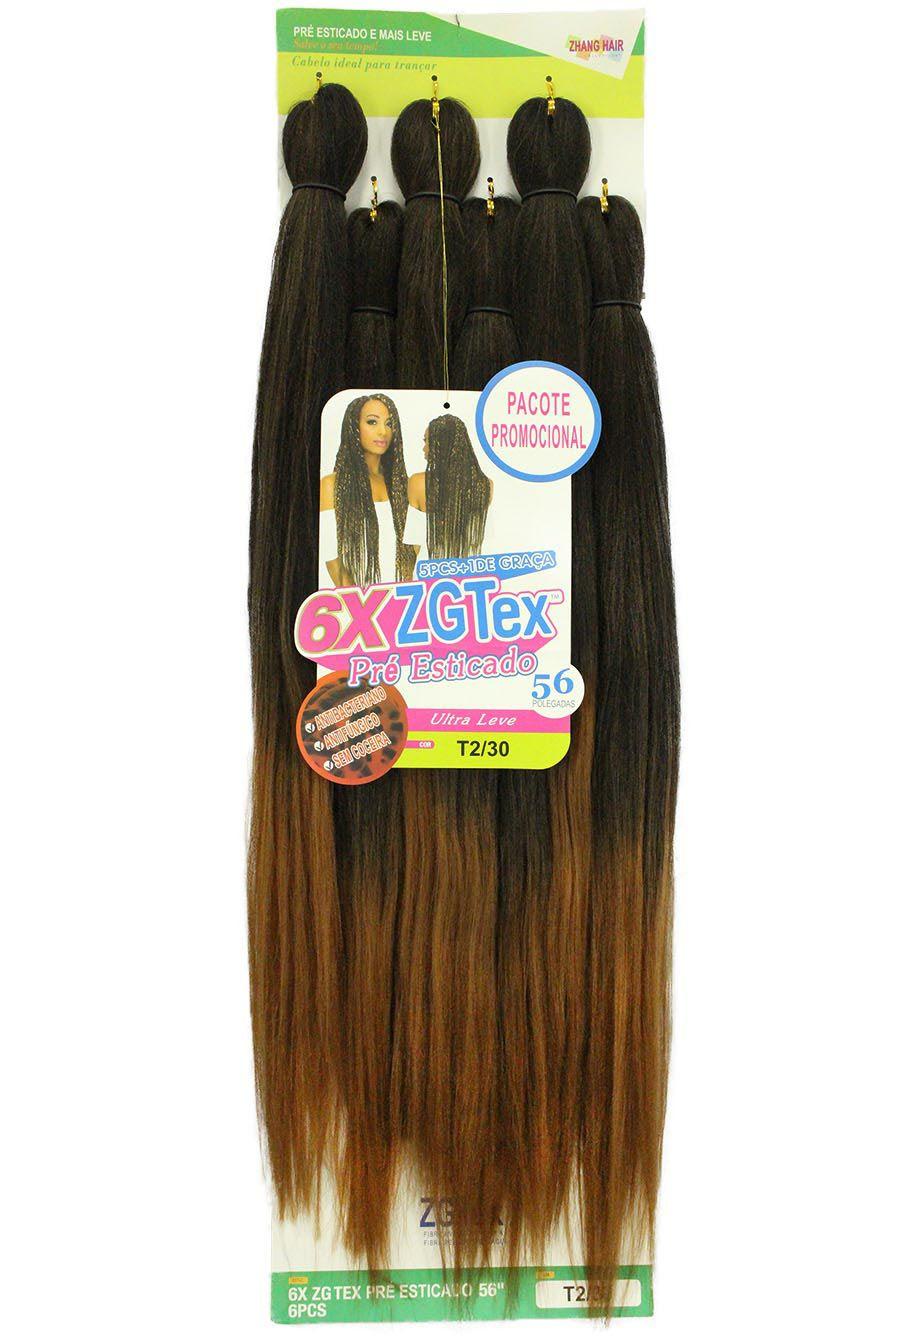 Jumbo - Zhang Hair - 6X ZGTex (400g) - Cor: T2/30